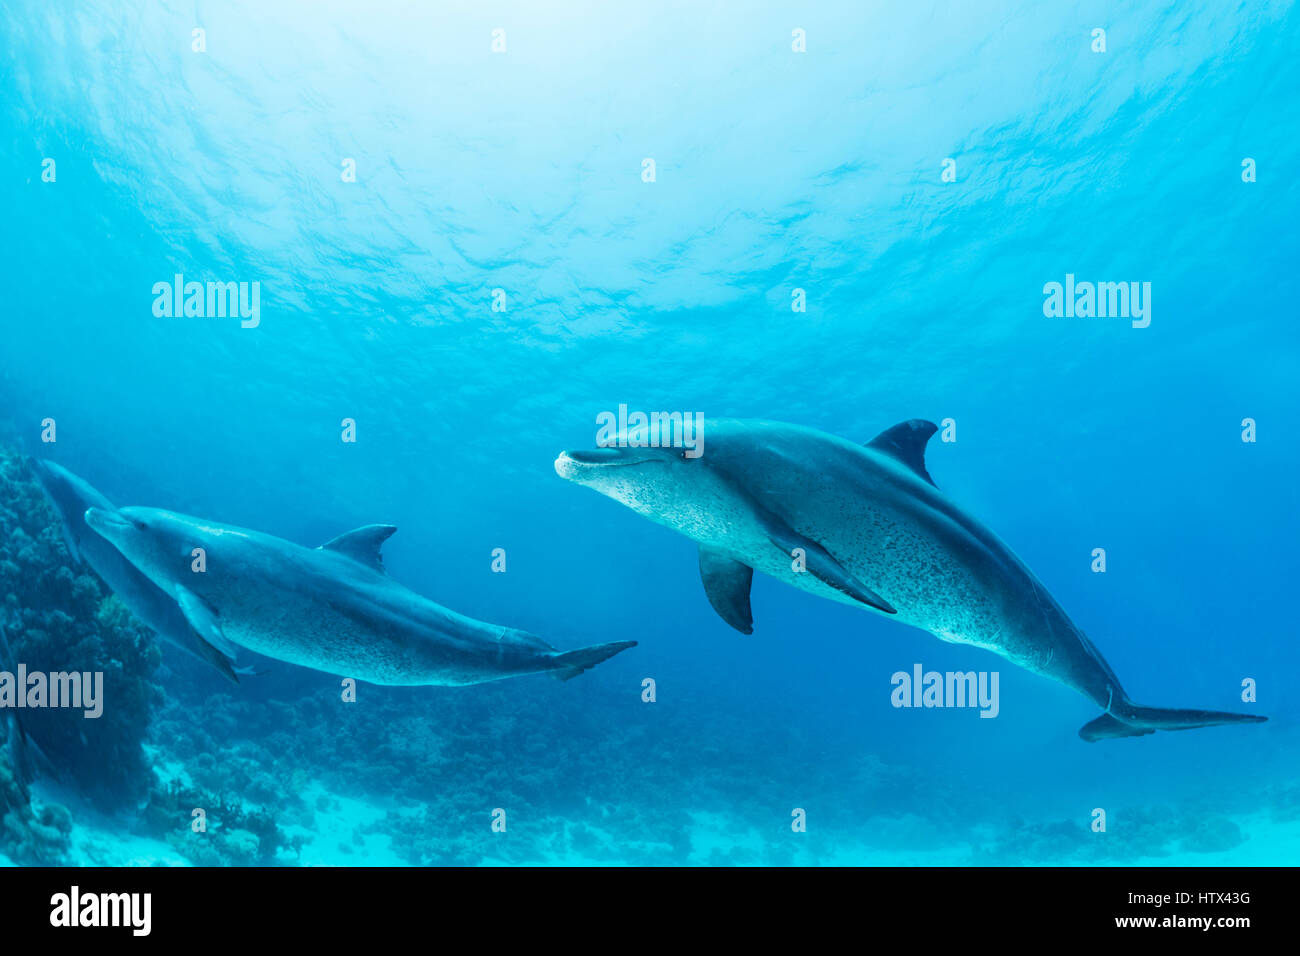 Bottlenose dolphins (Tursiops truncatus), Red Sea, Egypt - Stock Image